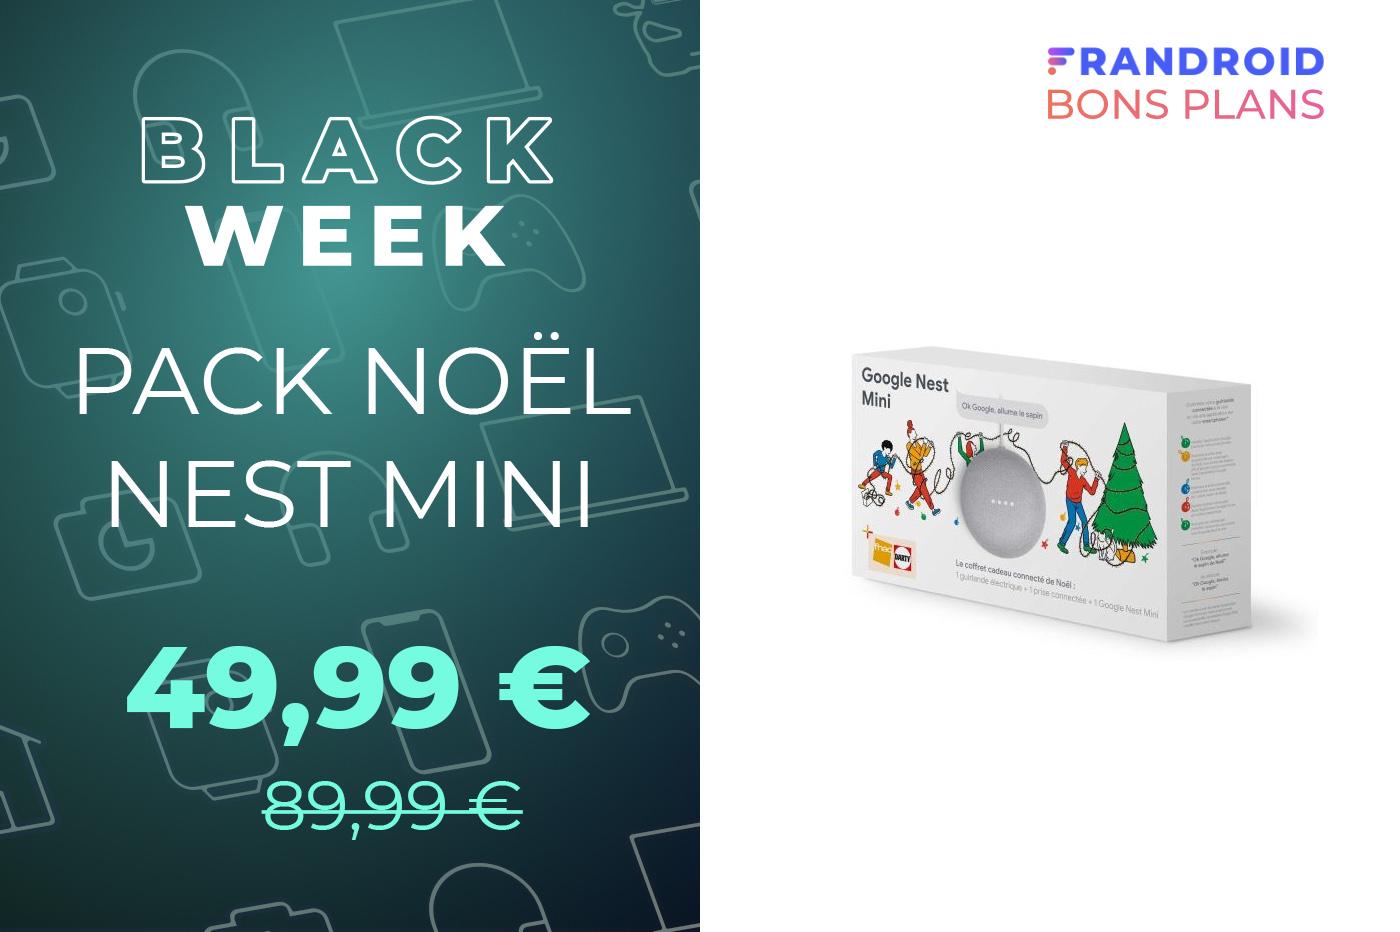 Pack Noël : le Nest Mini avec une guirlande et une prise connectée à -45 %